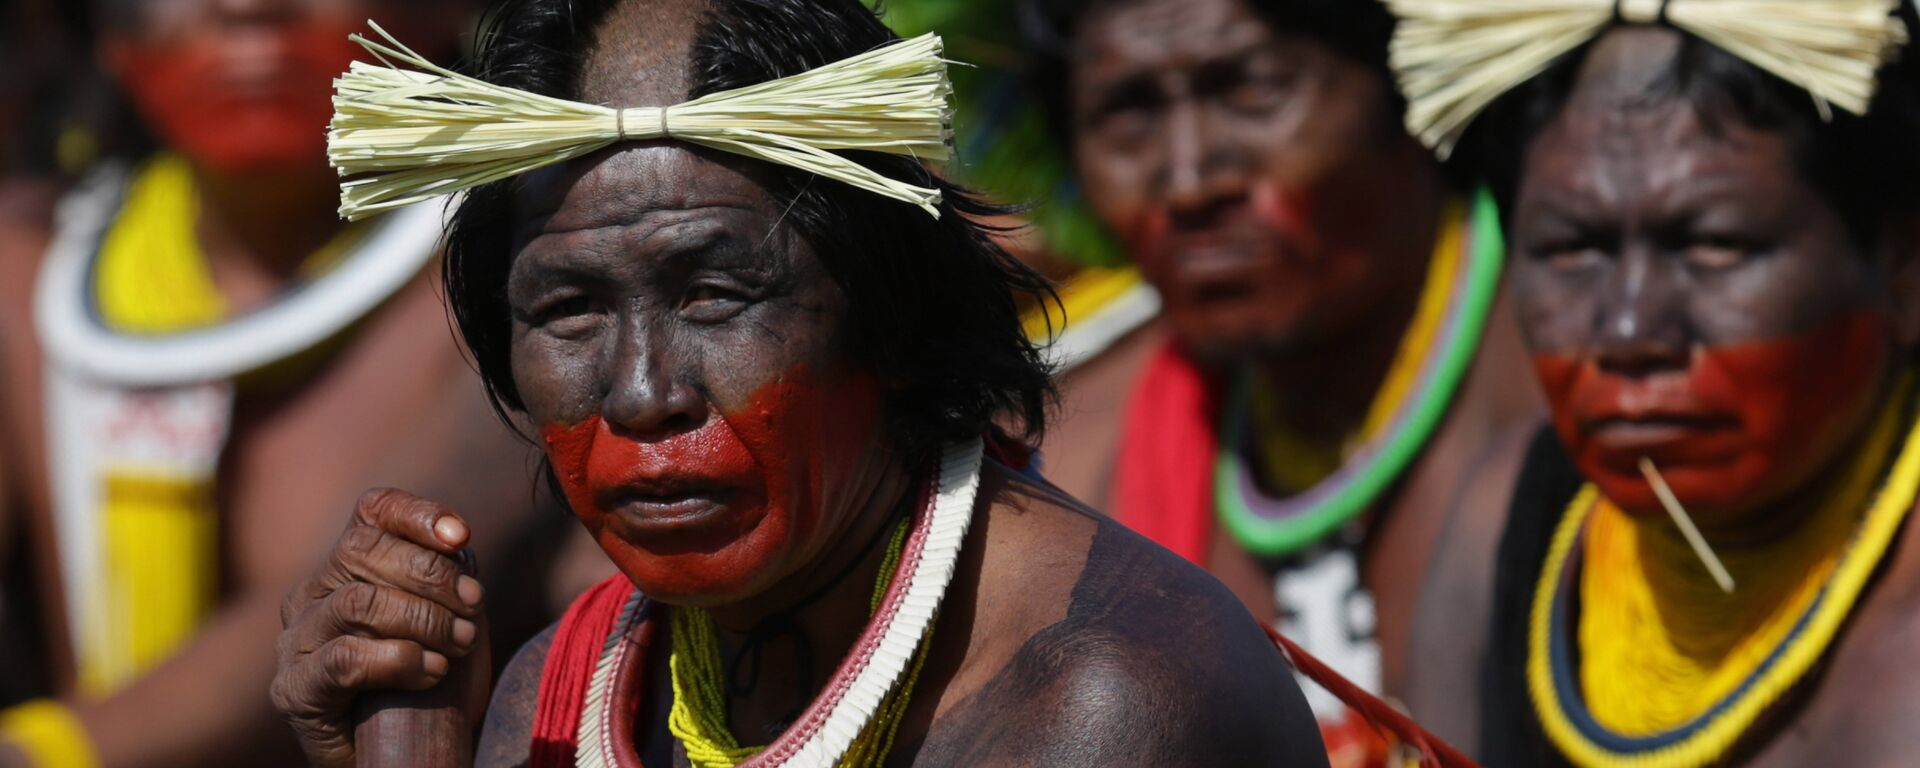 Indígenas de Amazonía - Sputnik Mundo, 1920, 10.06.2021